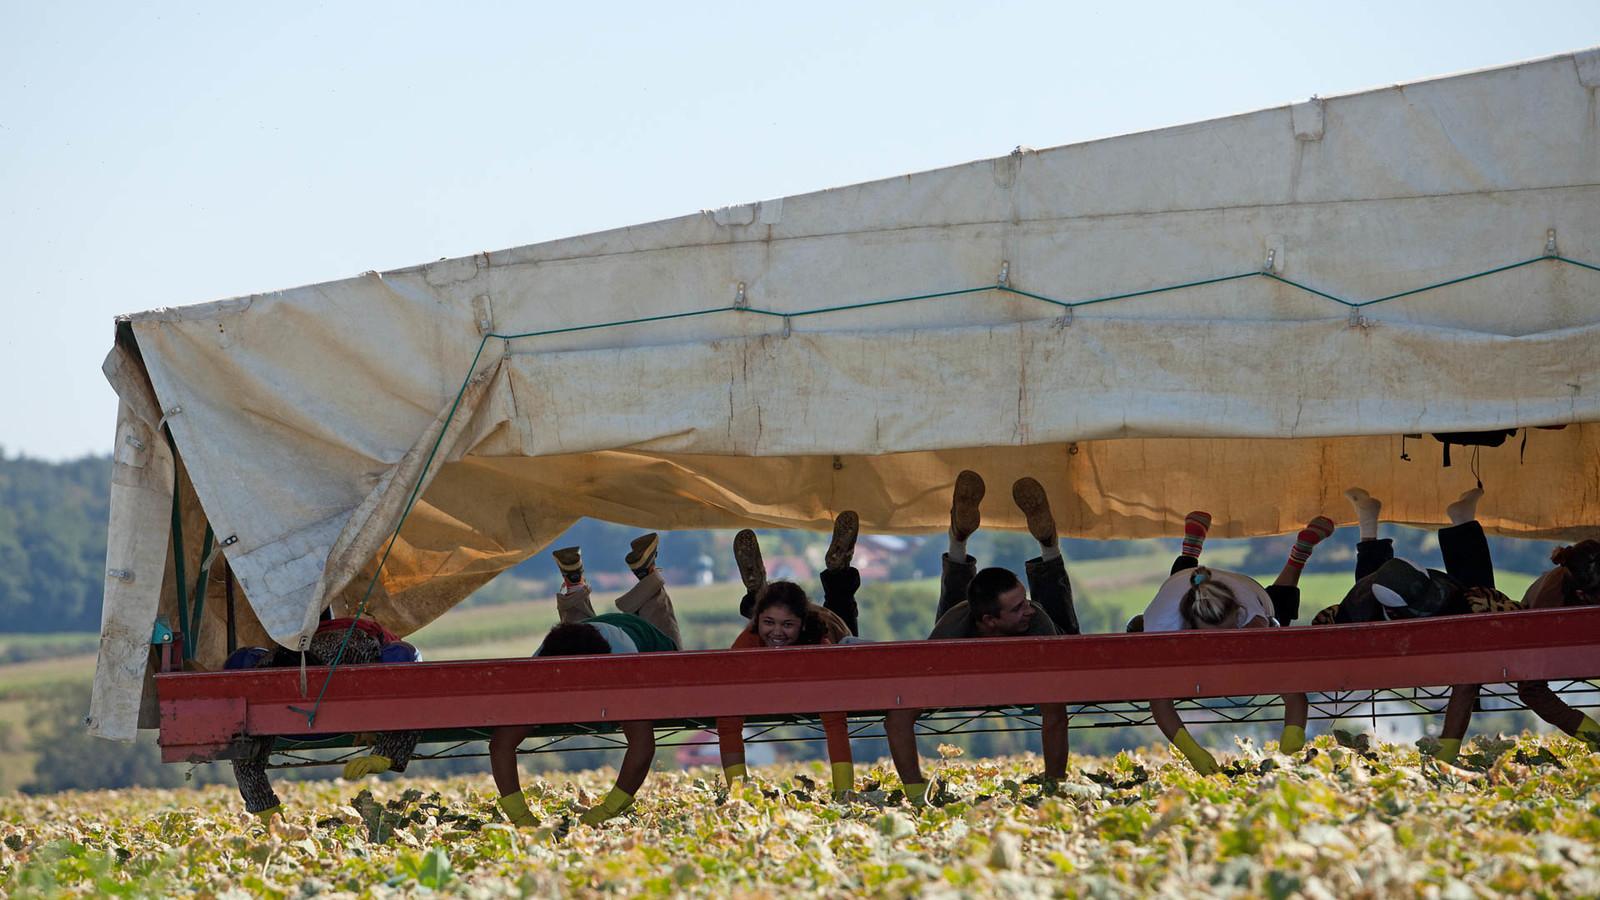 Gurkenernte im Vilstal im Ferienland Dingolfing-Landau, dem größten Gurkenanbaugebiet Europas